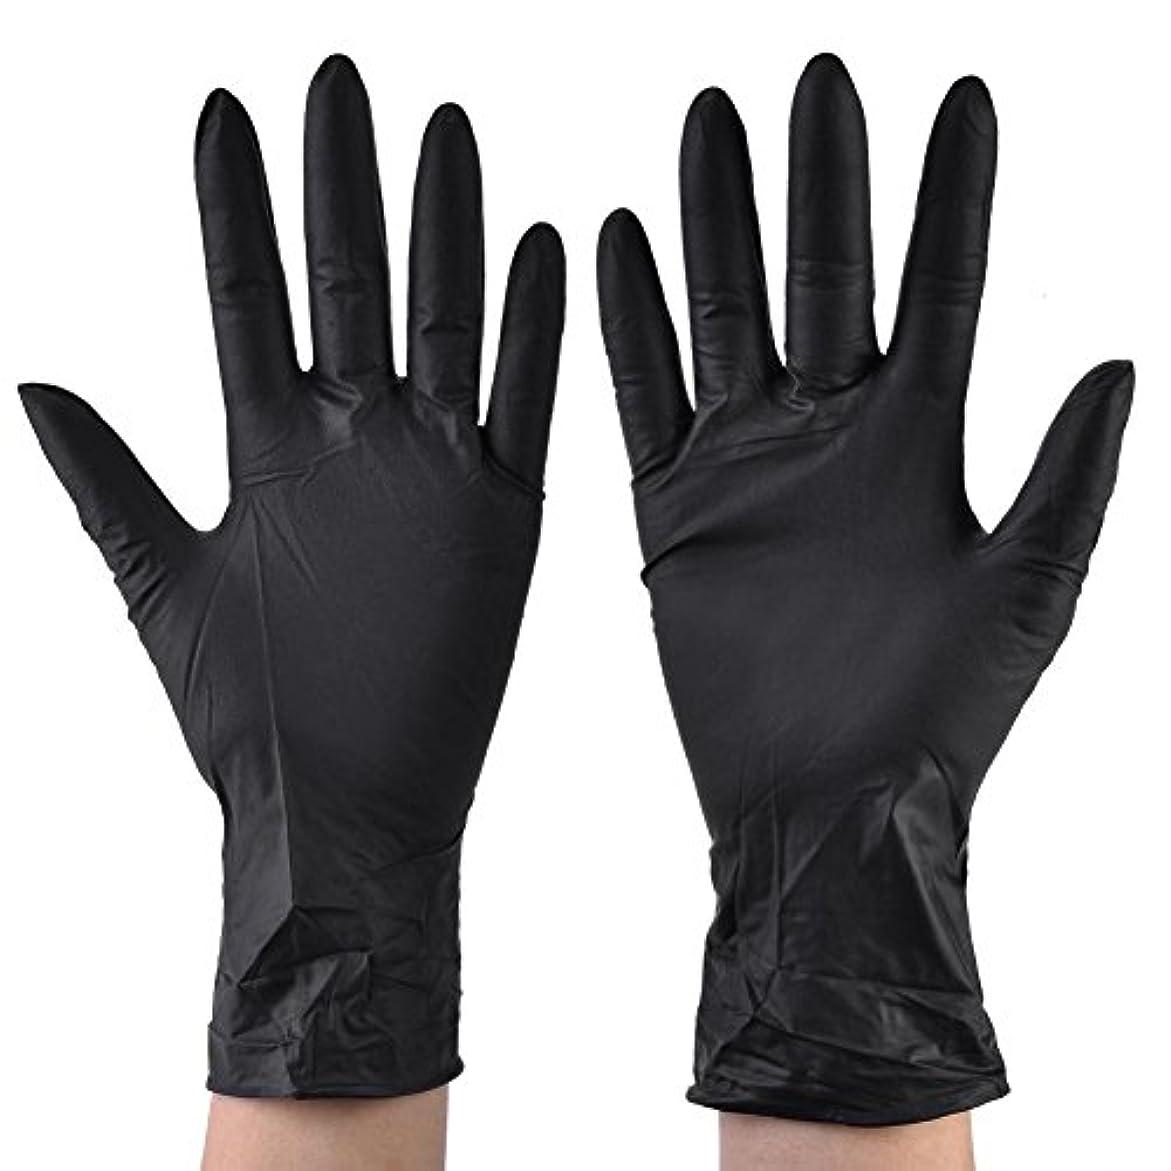 フェザー翻訳するハック使い捨て手袋 ニトリルグローブ ホワイト 粉なし 工業用/医療用/理美容用/レストラン用 M/L選択可 100枚 左右兼用 作業手袋(M)